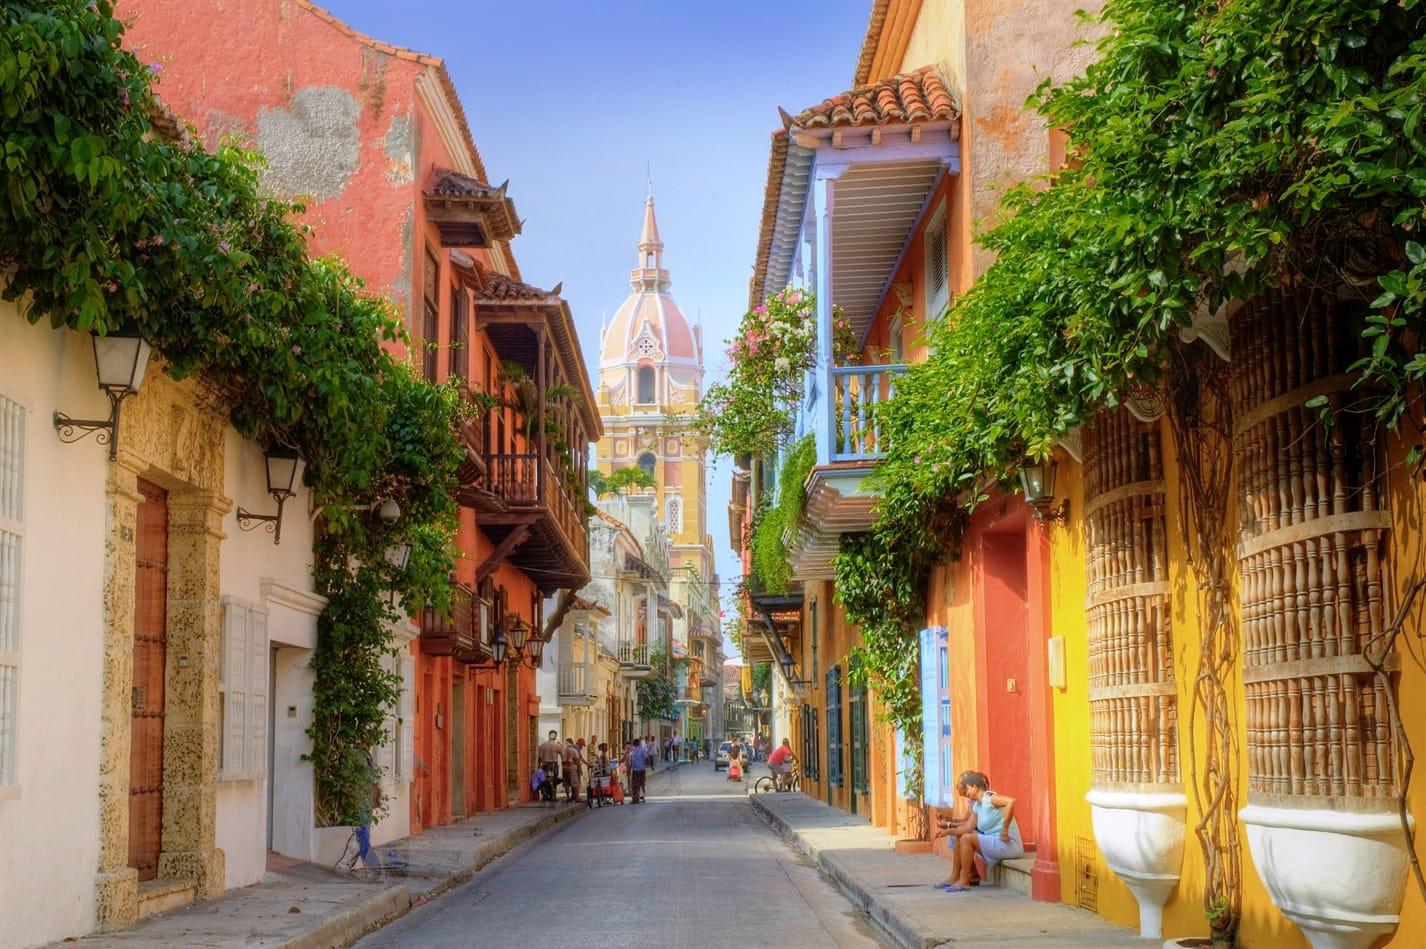 Groepsrondreis Verrassend Colombia – 19 dagen - Ontdek indrukwekkend Colombia: uitgestrekte koffievelden, ongerepte natuur en bruisende steden!